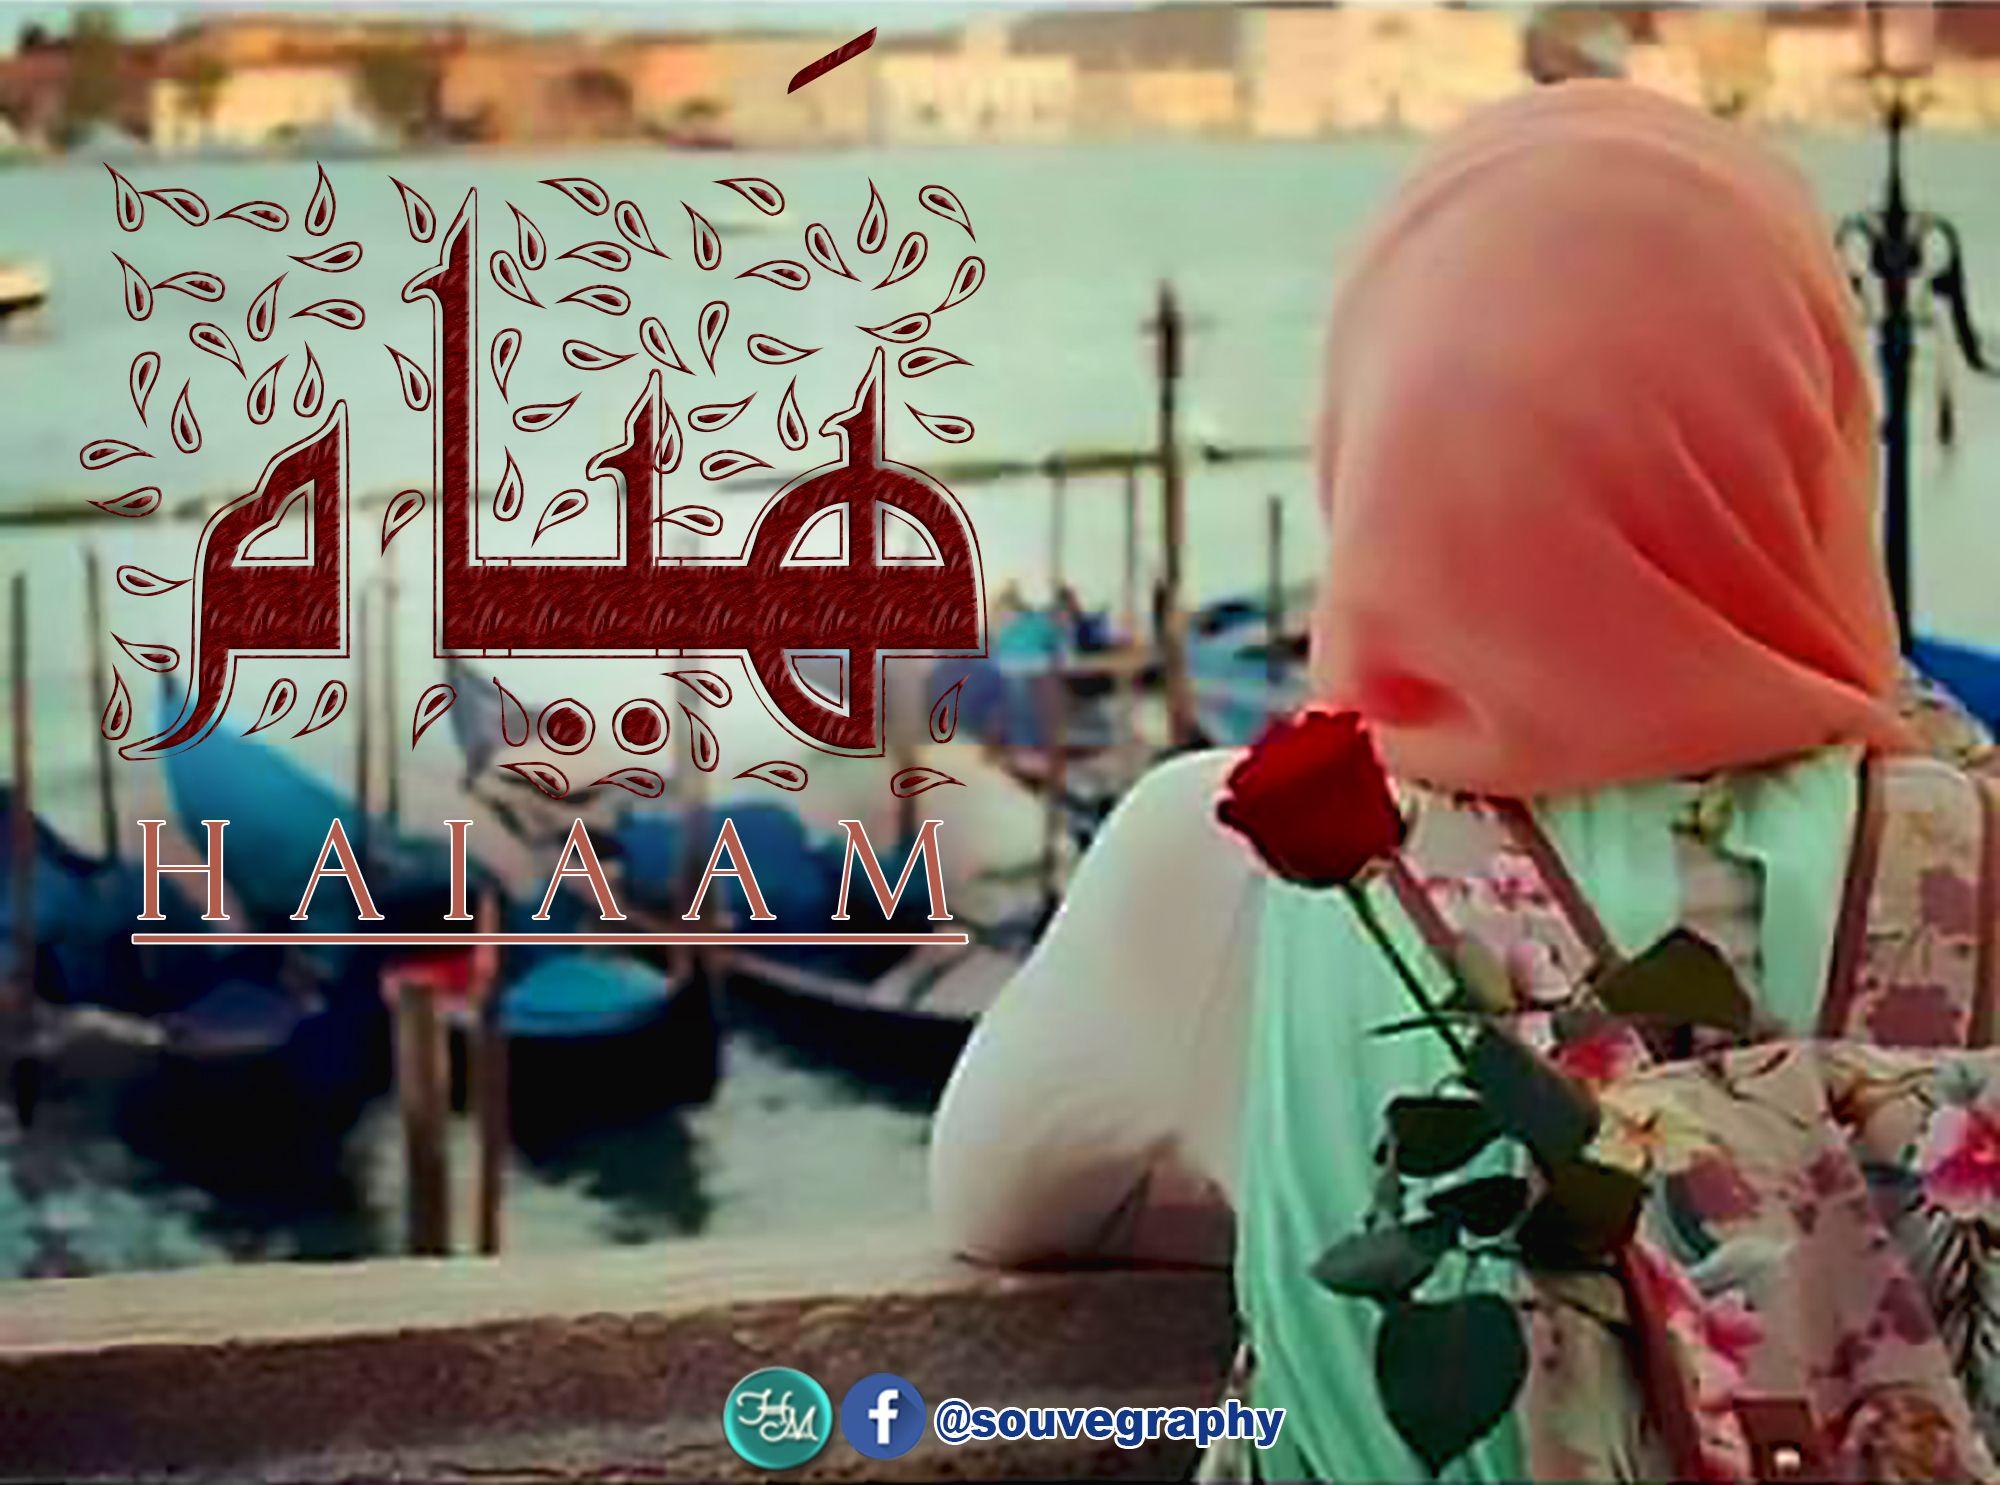 ه يام بفتح الهاء او ضمها او كسرها اسم علم مؤنث عربي و معناه أشد